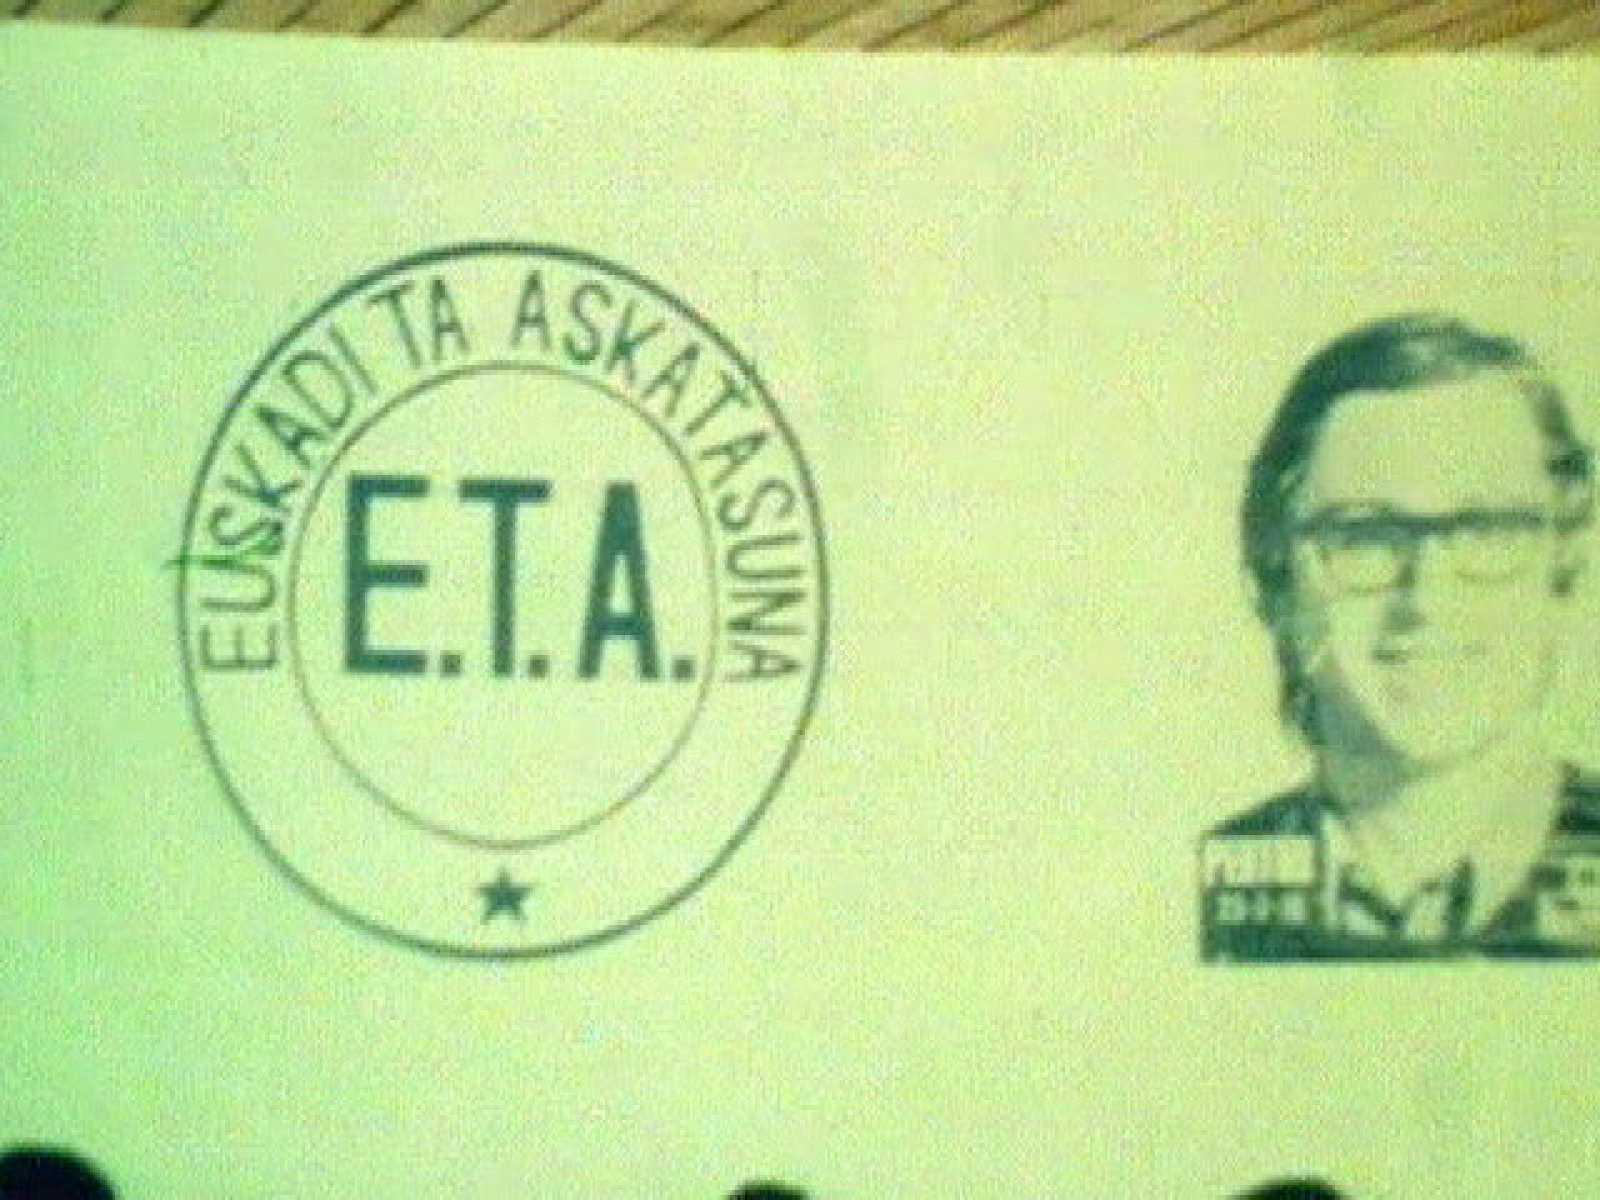 En 1982, ETA Político-militar decidió apostar por la vía política y en aquel caso  anunció su disolución